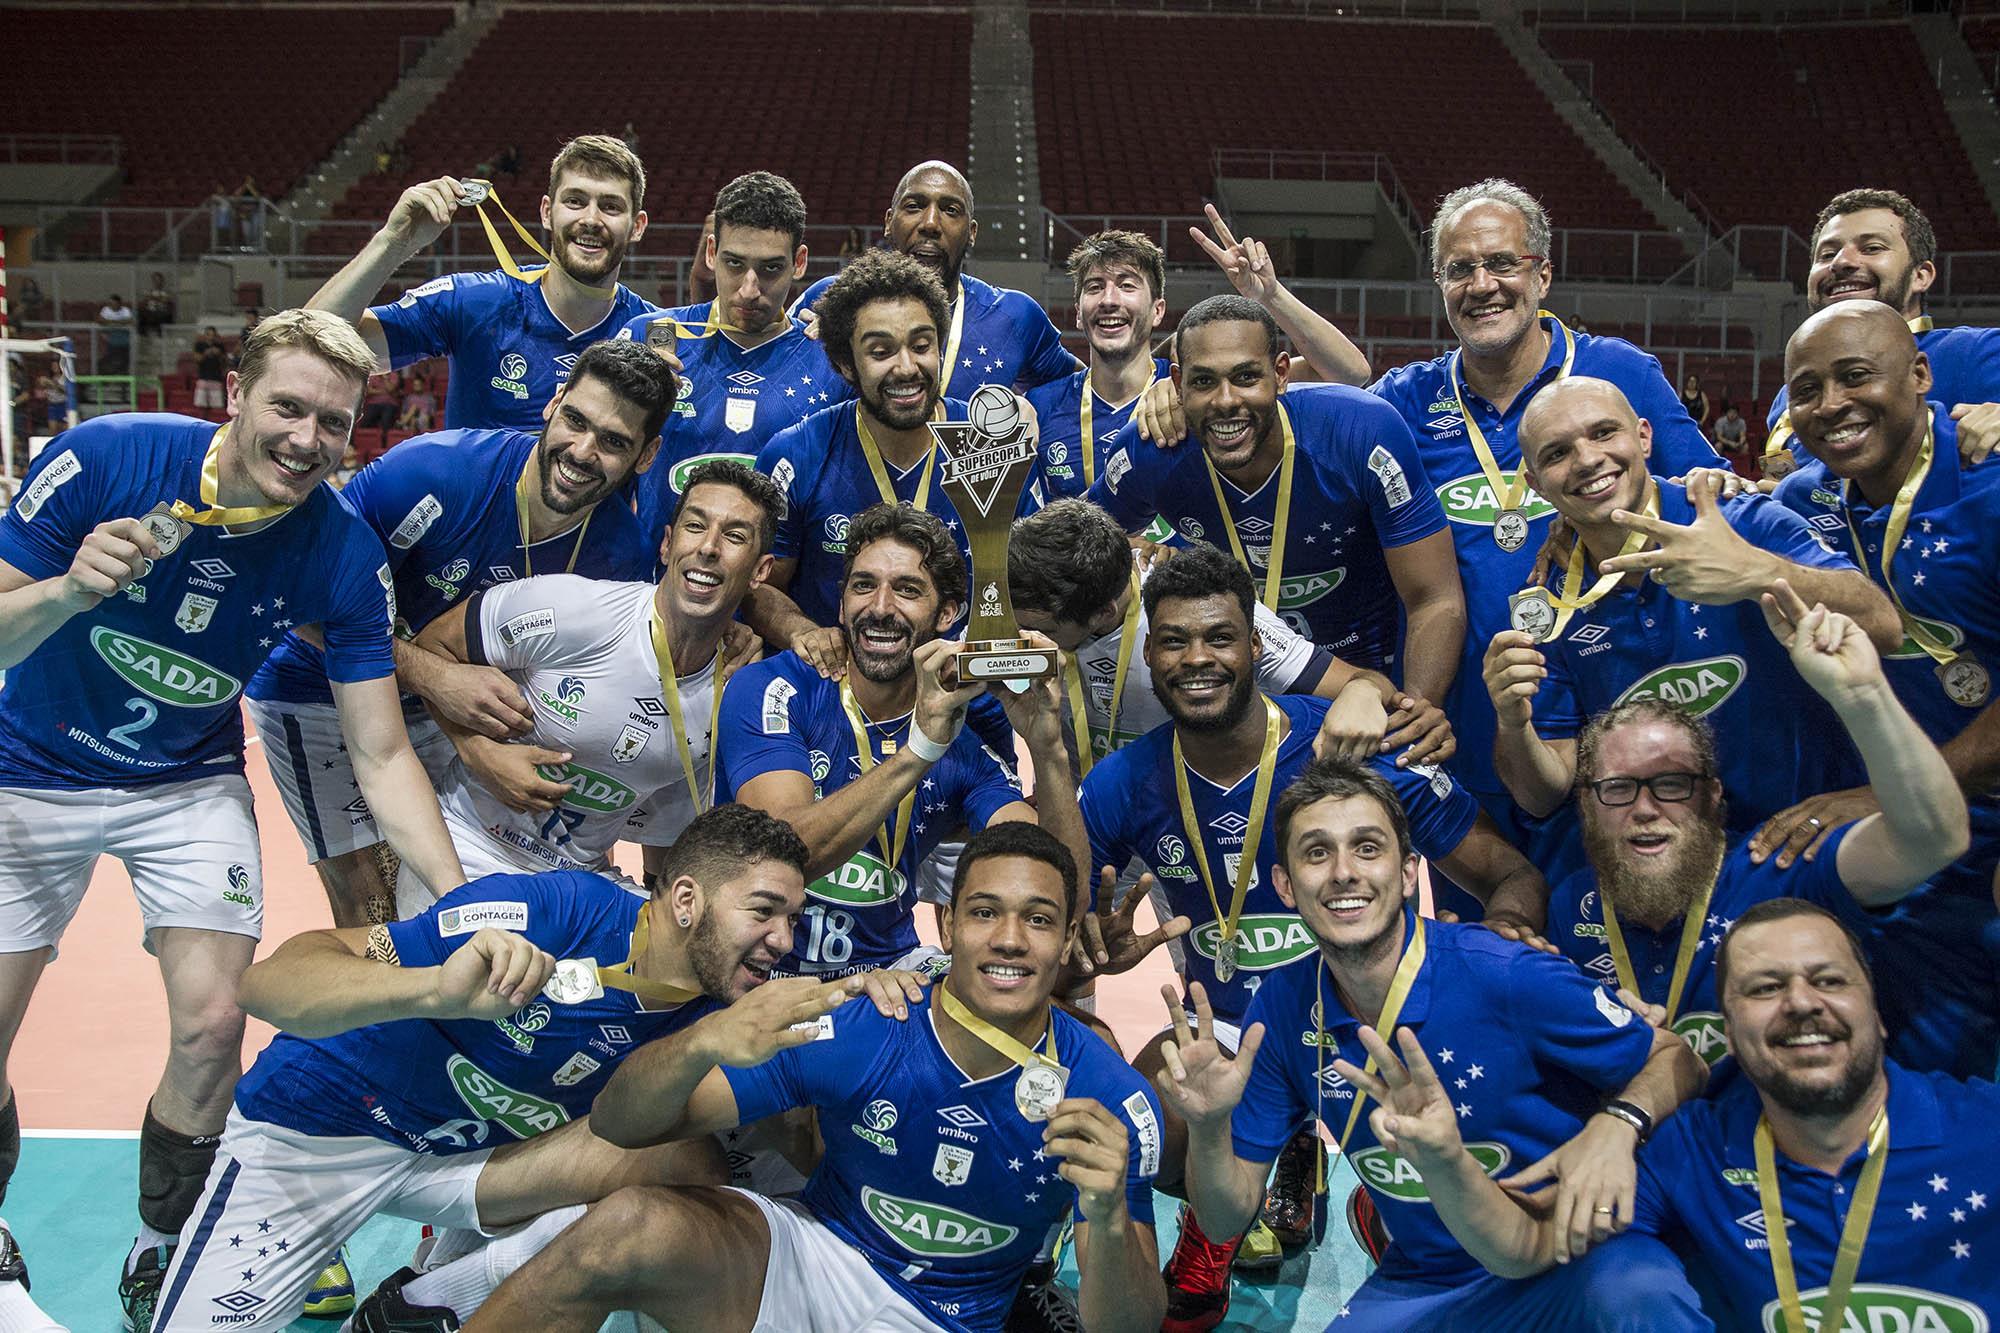 Sada Cruzeiro comemora o título da Supercopa